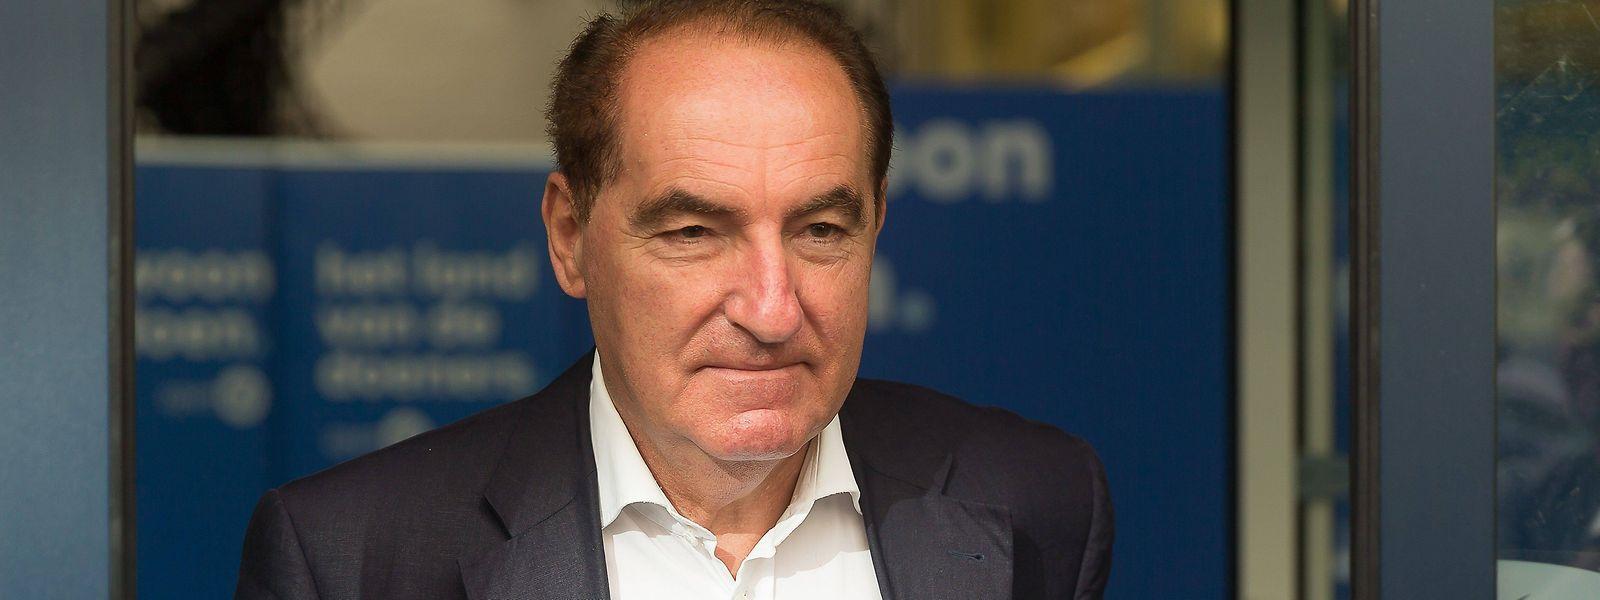 Karel Pinxten, membro do Tribunal de Contas Europeu entre março de 2006 e abril de 2018, é o primeiro caso de fraude comprovada na instituição europeia com sede em Kirchberg.